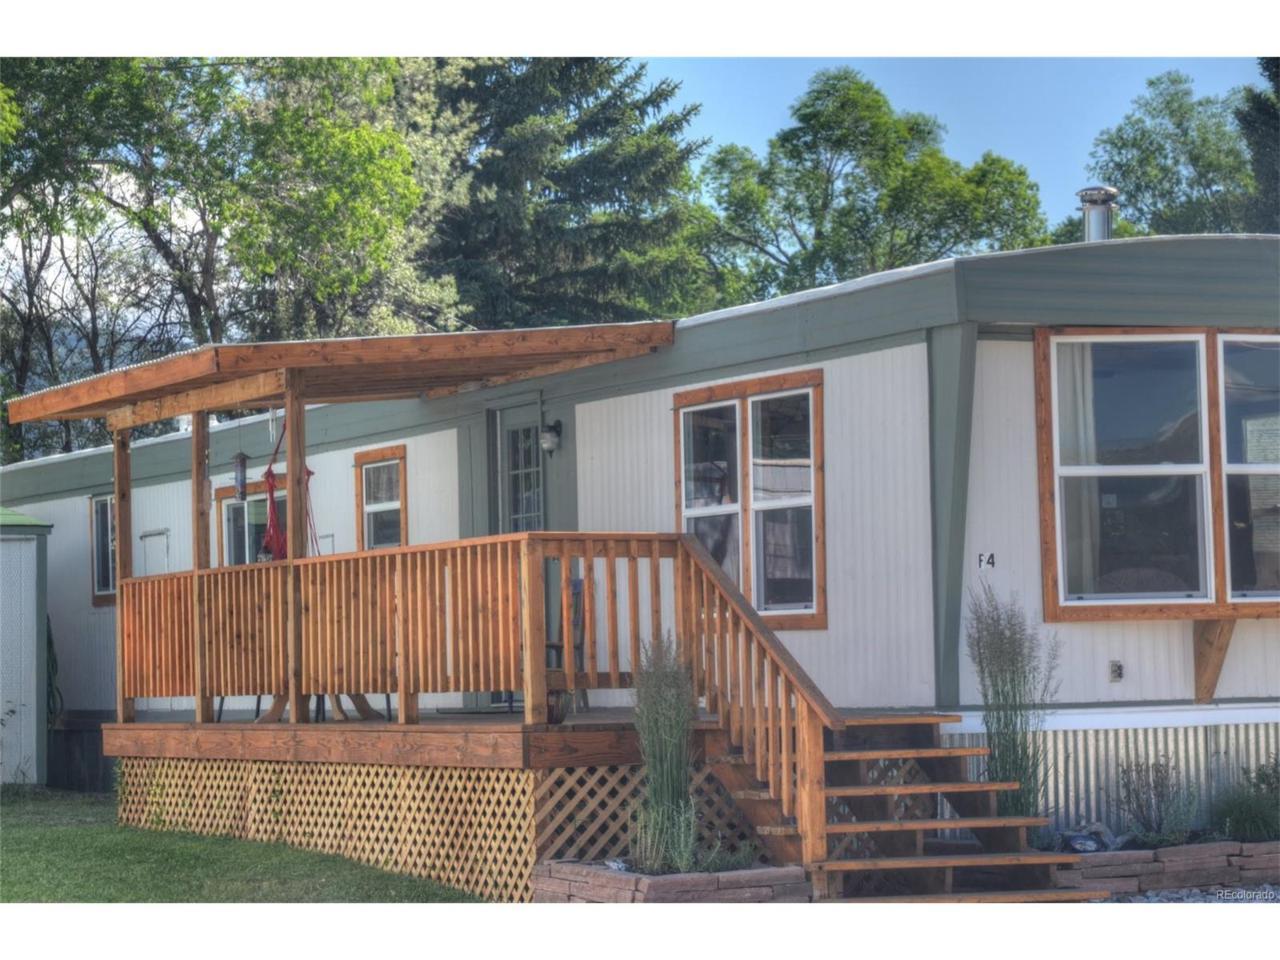 910 J Street F-4, Salida, CO 81201 (MLS #6243653) :: 8z Real Estate